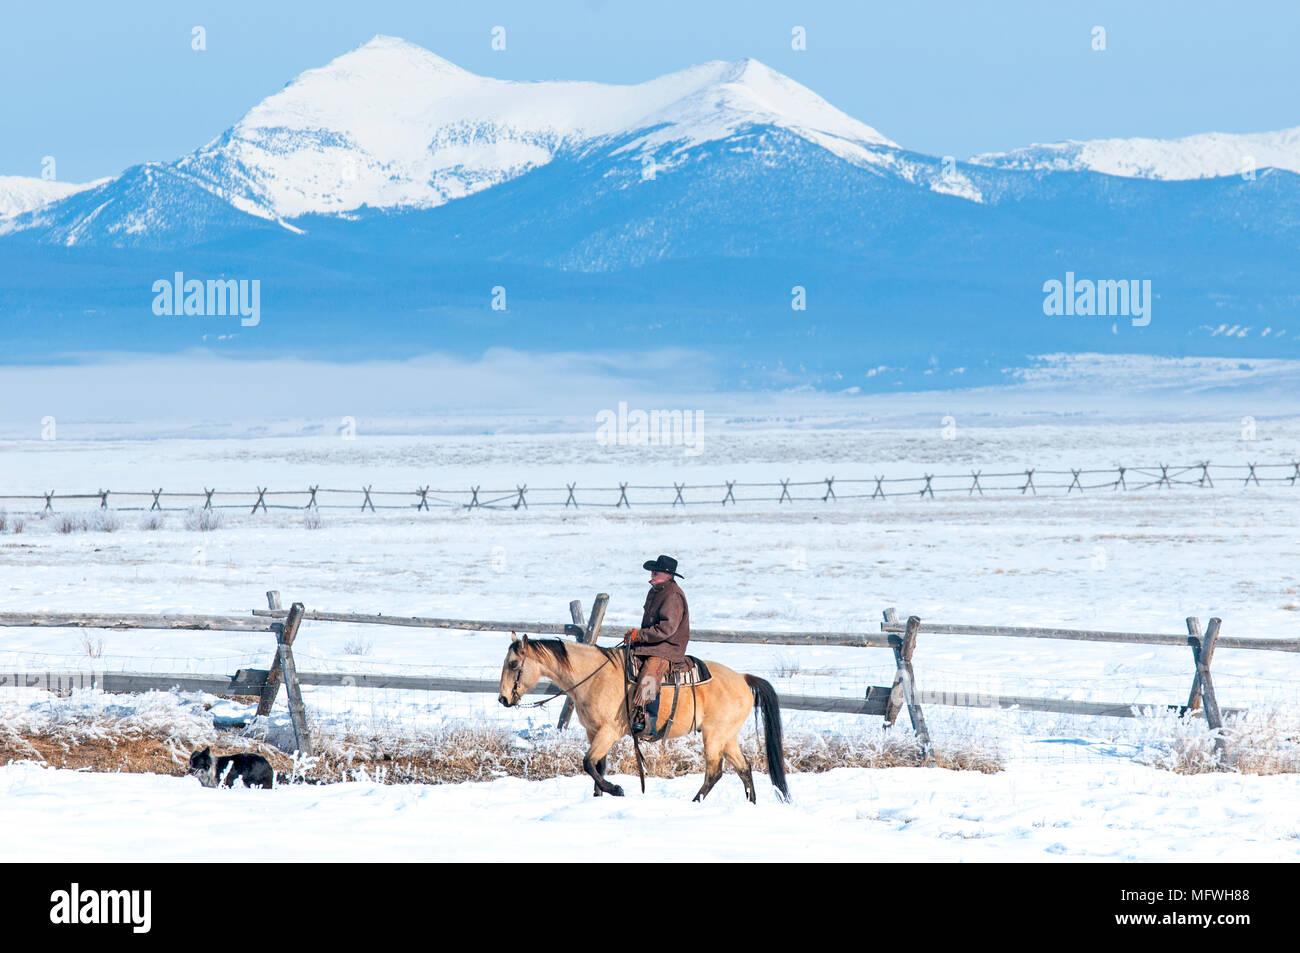 Montana Cowboy Horseback in Winter Snow - USA Pintler Mountains Stock Photo  - Alamy